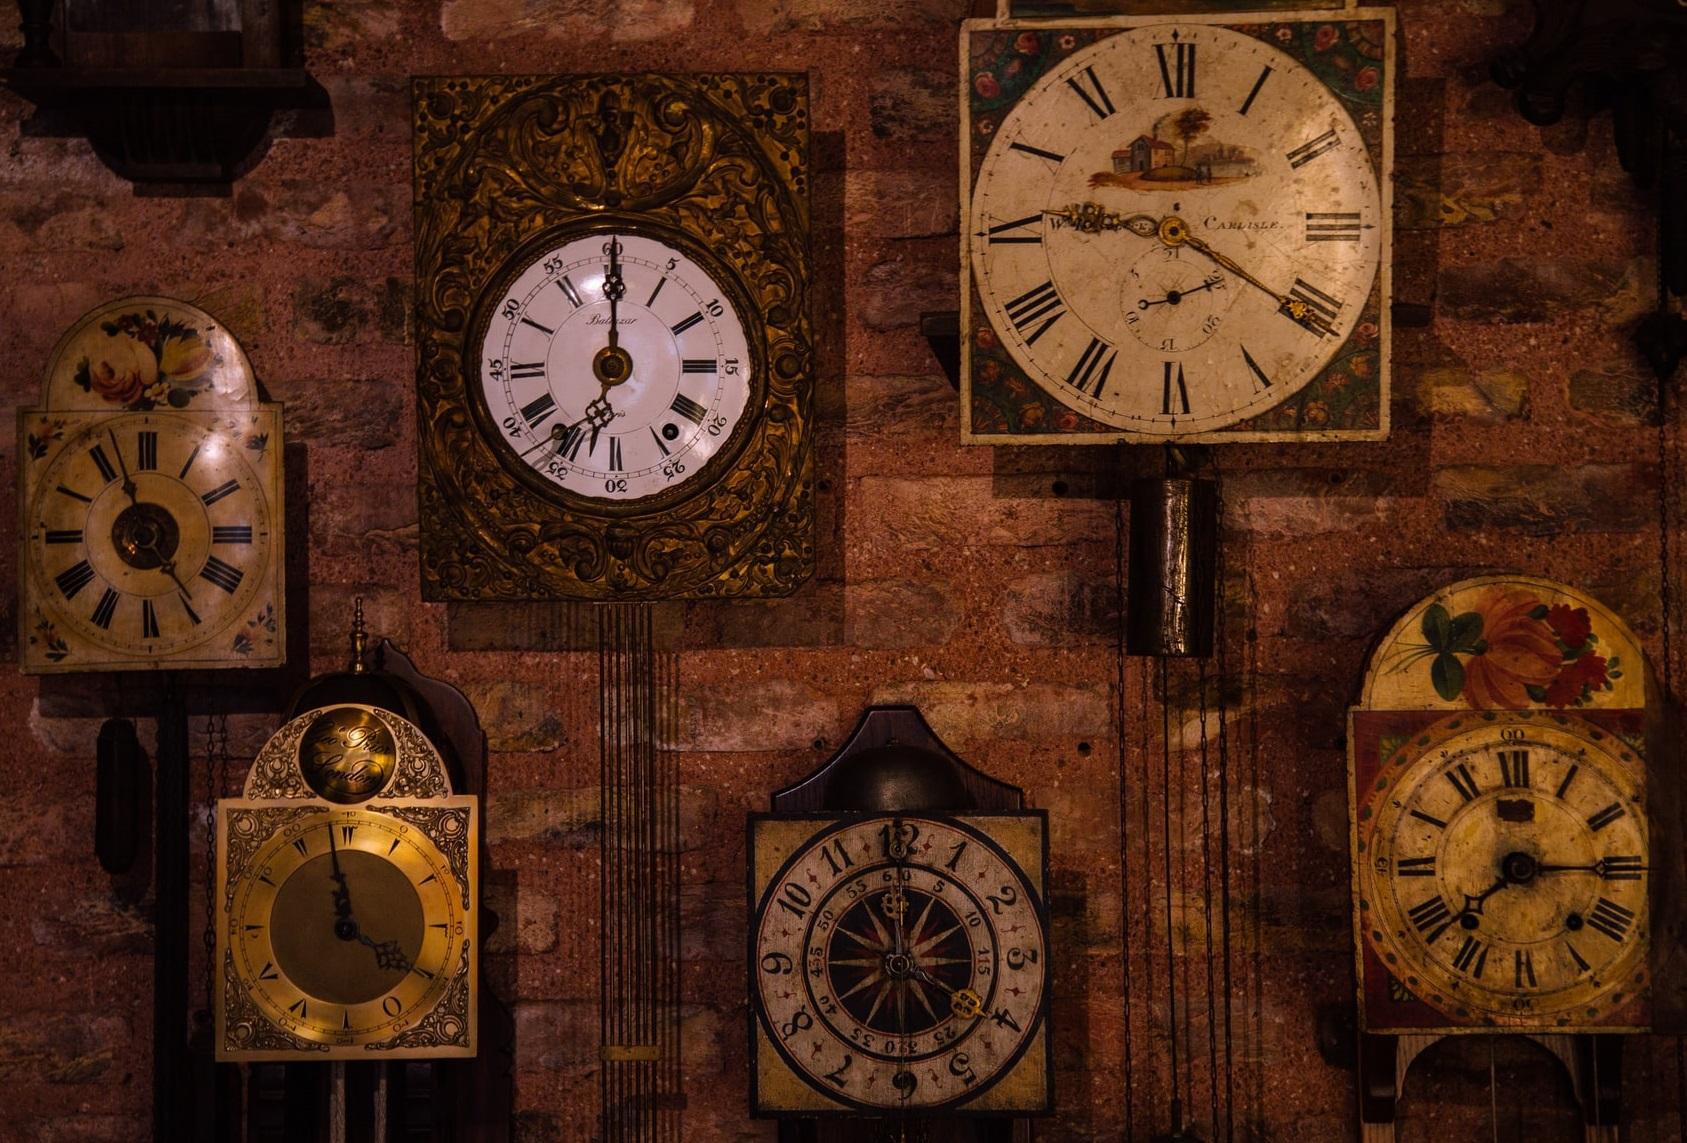 Angajații reginei Angliei au petrecut aproape două zile dând înapoi ora a 1.100 de ceasuri